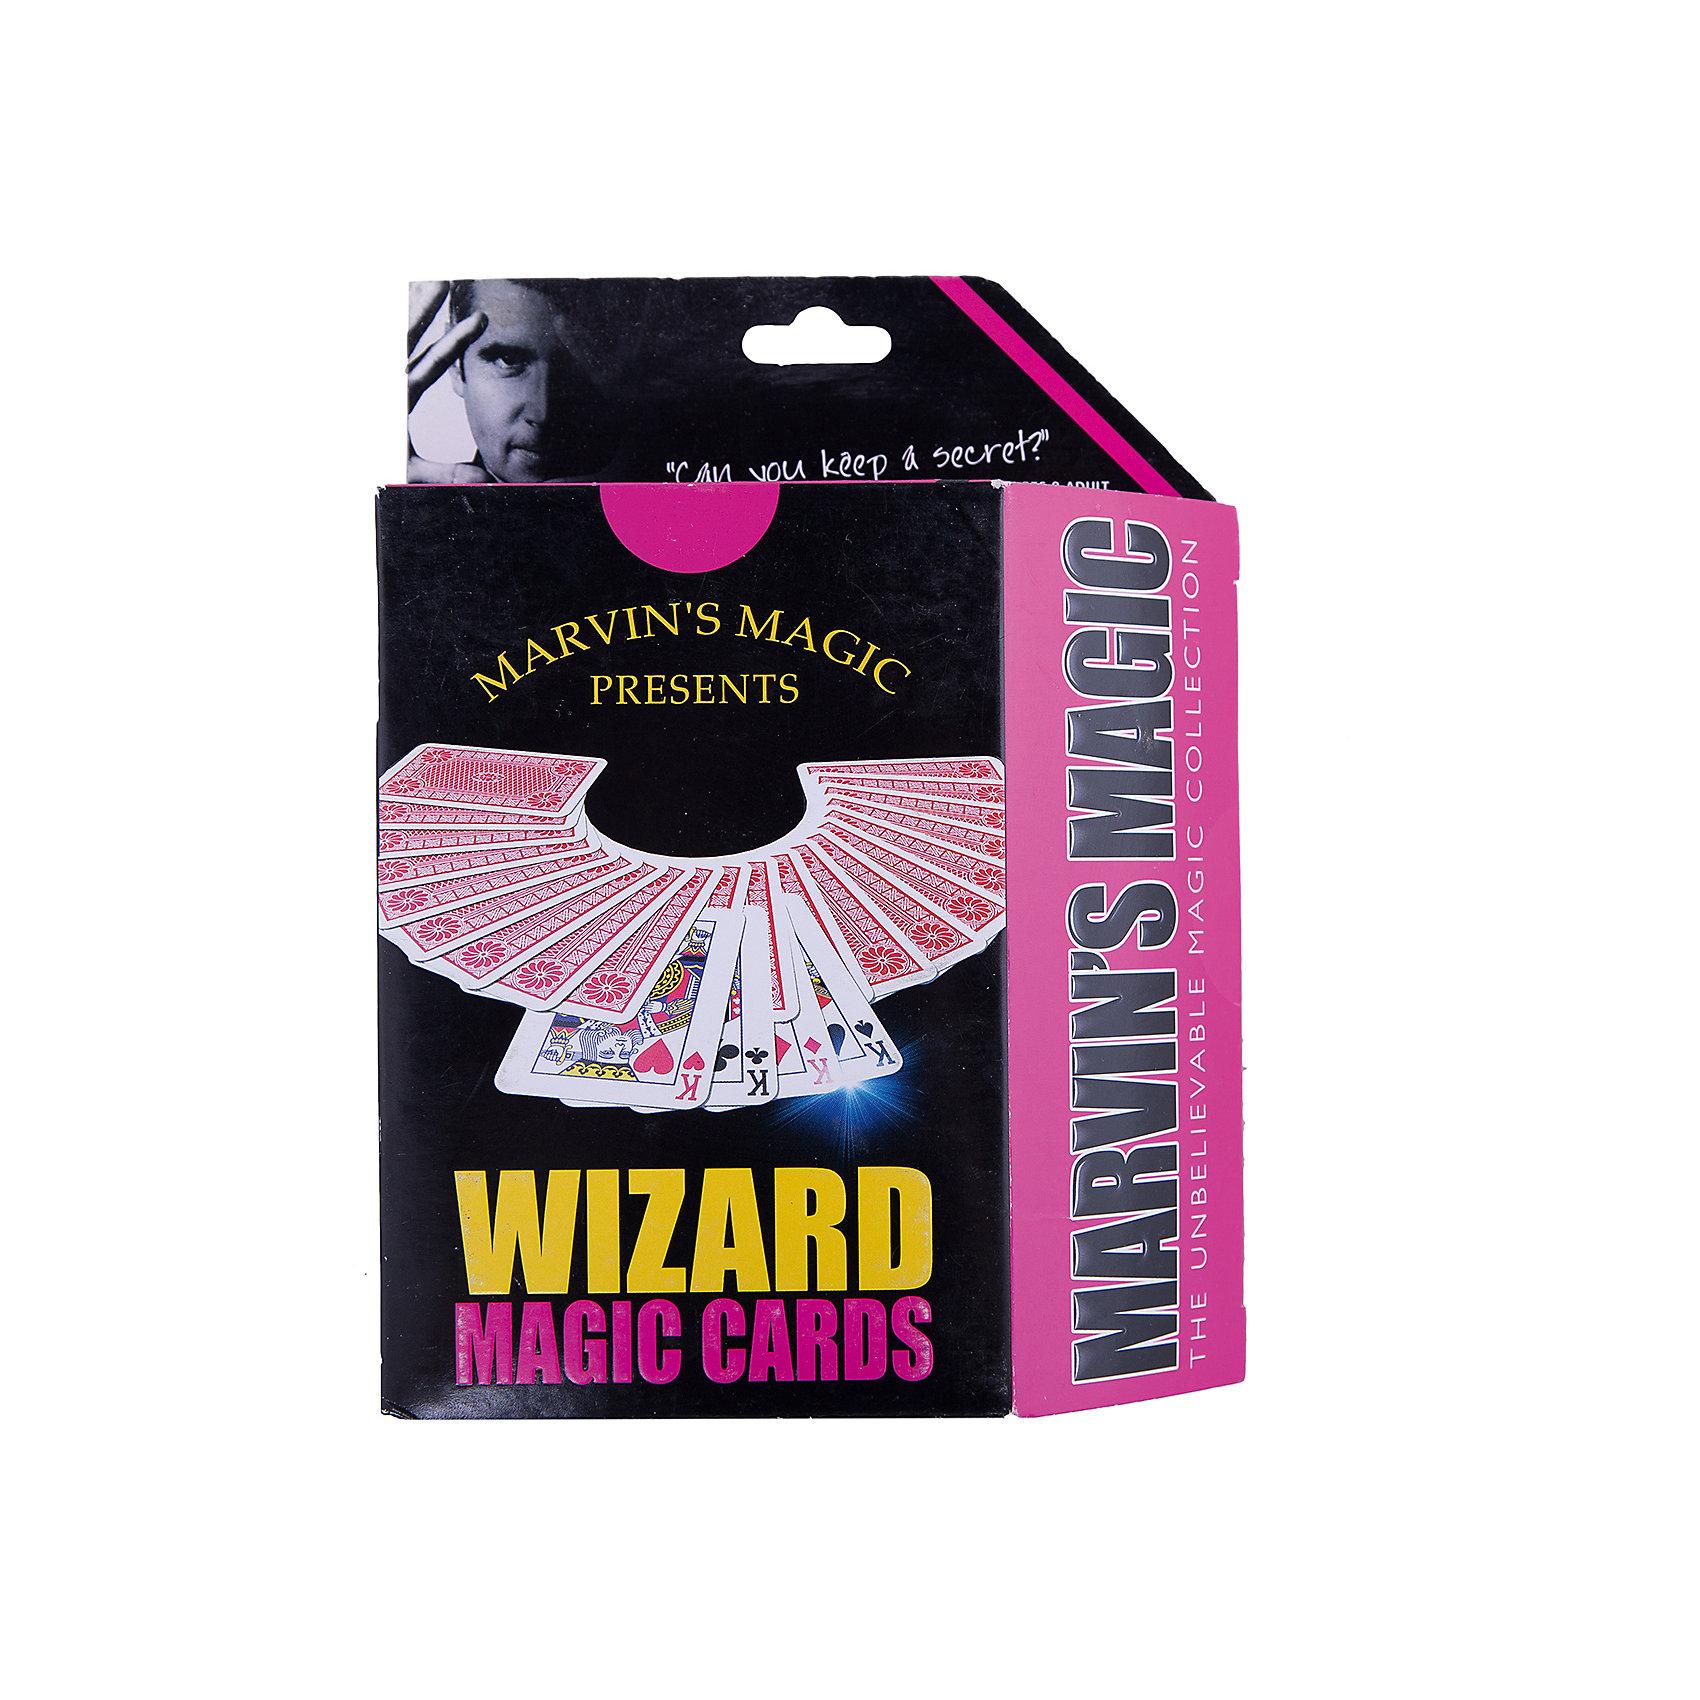 Набор фокусов Волшебные картыНаборы для фокусов<br>Набор фокусов Волшебные карты.<br><br>Характеристики:<br><br>• Возраст: от 8 лет<br>• В наборе: коническая колода карт, подробная инструкция<br>• Количество фокусов: 23<br>• Материал: картон<br>• Упаковка: картонная коробка<br>• Размер упаковки: 19х14х4 см.<br><br>Набор Волшебные карты от Marvins Magic превратит Вас в настоящего карточного фокусника! Набор включает инструкцию с описанием трюков и фокусов на русском языке с поясняющими рисунками, а также коническую колоду, которая состоит из карт, которые немного шире с одного конца, чем с другого. Сужение колоды незаметно для неосведомленных людей. Фокусы и трюки с коническими картами основываются на том что если вытащить одну карту, перевернуть и положить ее обратно в колоду, то карту будет легко определить из-за того, что ее широкая грань будет отличаться от узких. <br><br>Перевернутую карту тяжело увидеть, но Вы легко сможете ее почувствовать. С набором Волшебные карты от Marvins Magic Вы научитесь несложным в исполнении, но эффектным и впечатляющим трюкам с картами! Кроме того набор Волшебные карты от Marvins Magic - это отличный тренажер для развития сообразительности, ловкости и быстроты реакции.<br><br>Набор фокусов Волшебные карты можно купить в нашем интернет-магазине.<br><br>Ширина мм: 140<br>Глубина мм: 40<br>Высота мм: 190<br>Вес г: 152<br>Возраст от месяцев: 96<br>Возраст до месяцев: 2147483647<br>Пол: Унисекс<br>Возраст: Детский<br>SKU: 5482545